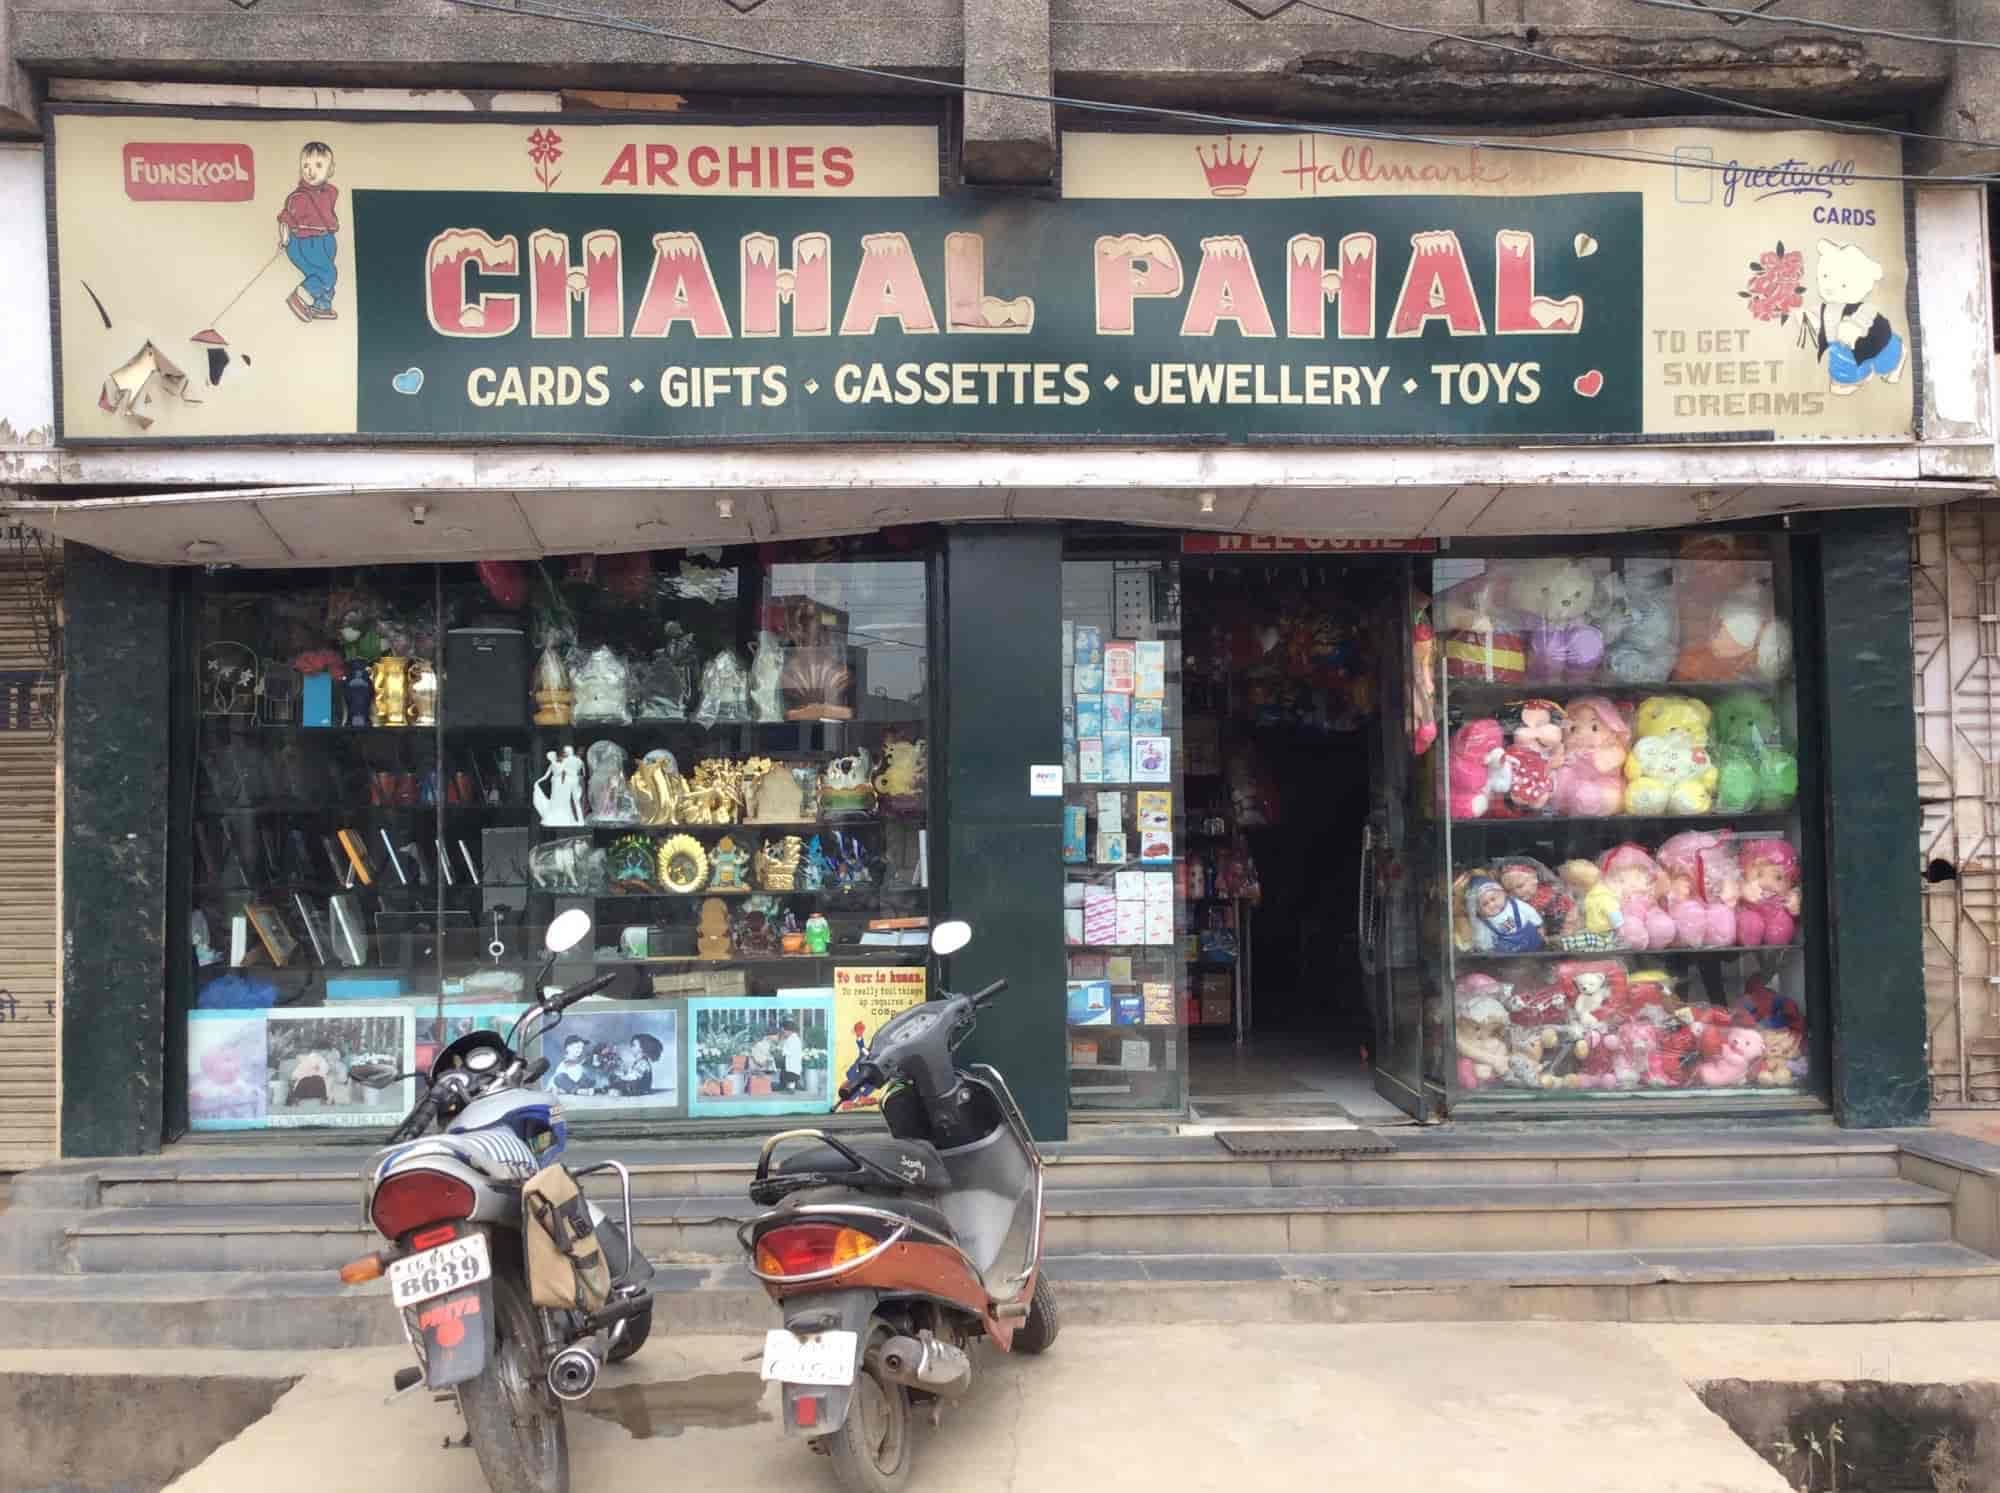 Chahal pahal photos vivekanand ashram raipur chhattisgarh front view chahal pahal photos vivekanand ashram raipur chhattisgarh greeting card kristyandbryce Images